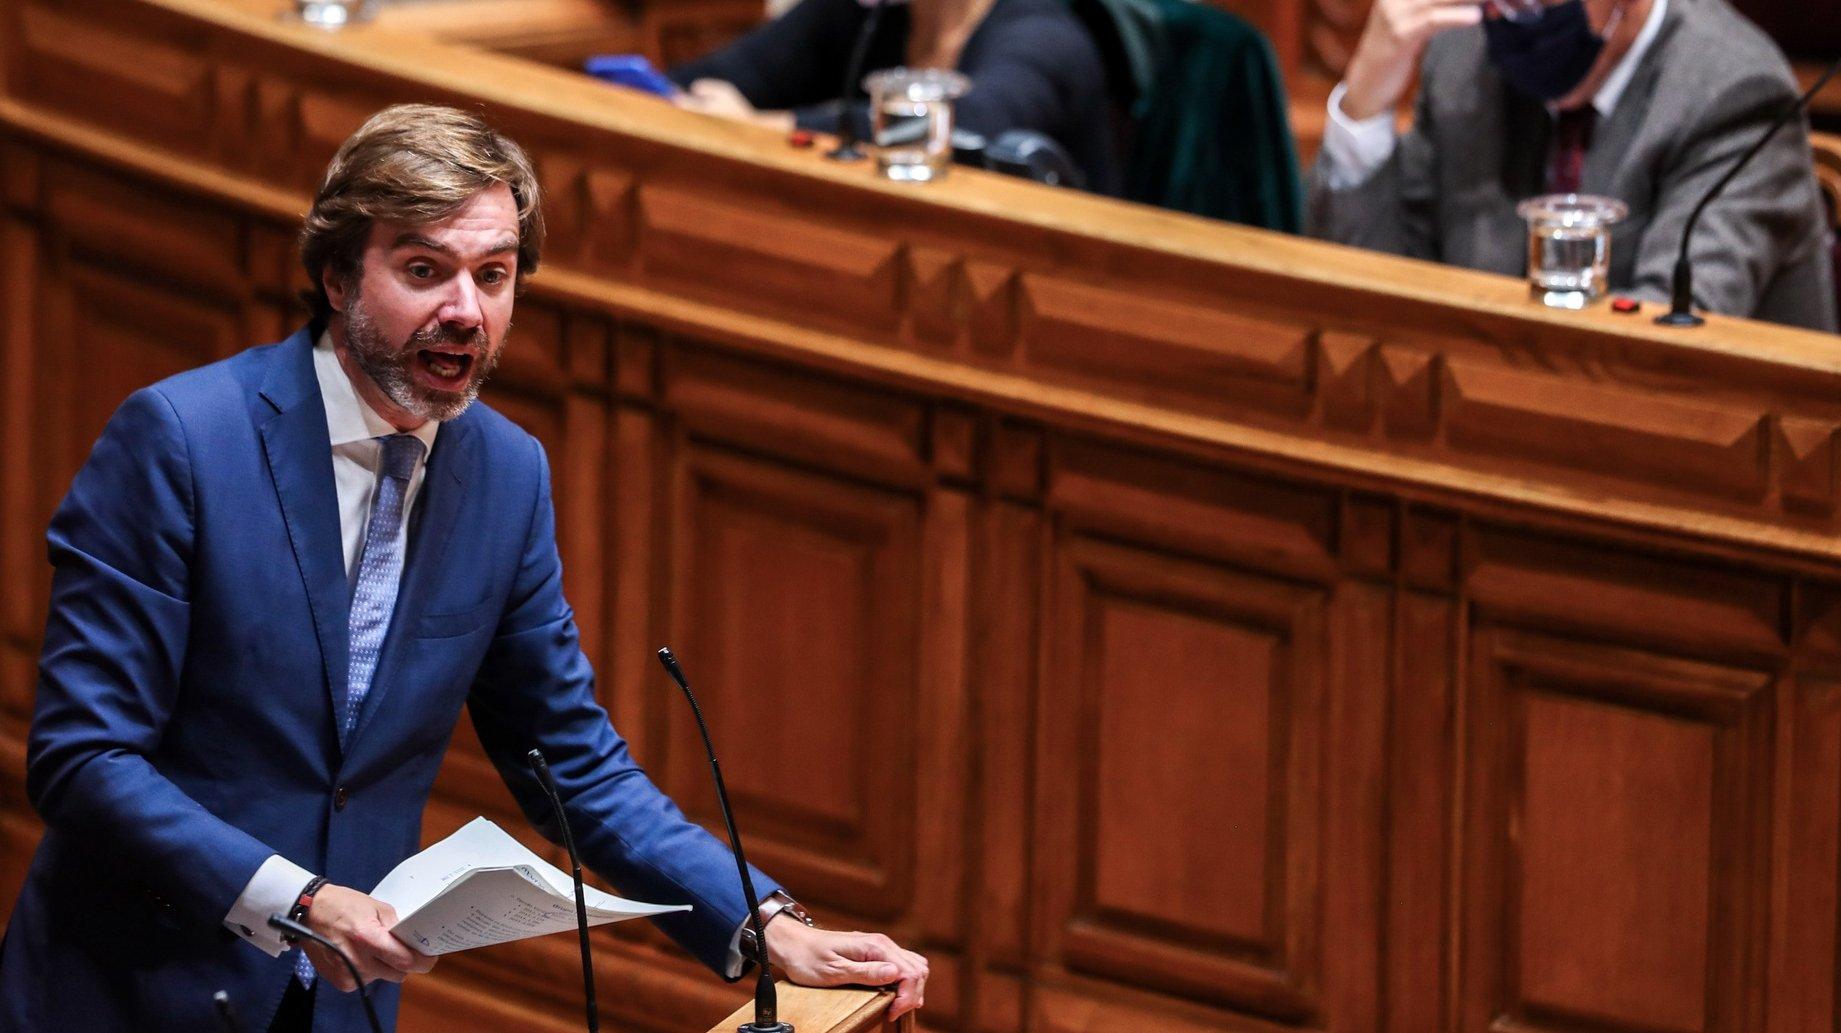 O deputado do CDS-PP, João Almeida, discursa no debate parlamentar de discussão na generalidade do Orçamento do Estado para 2021 (OE2021), na Assembleia da República, em Lisboa, 28 de outubro de 2020. JOSÉ SENA GOULÃO/LUSA